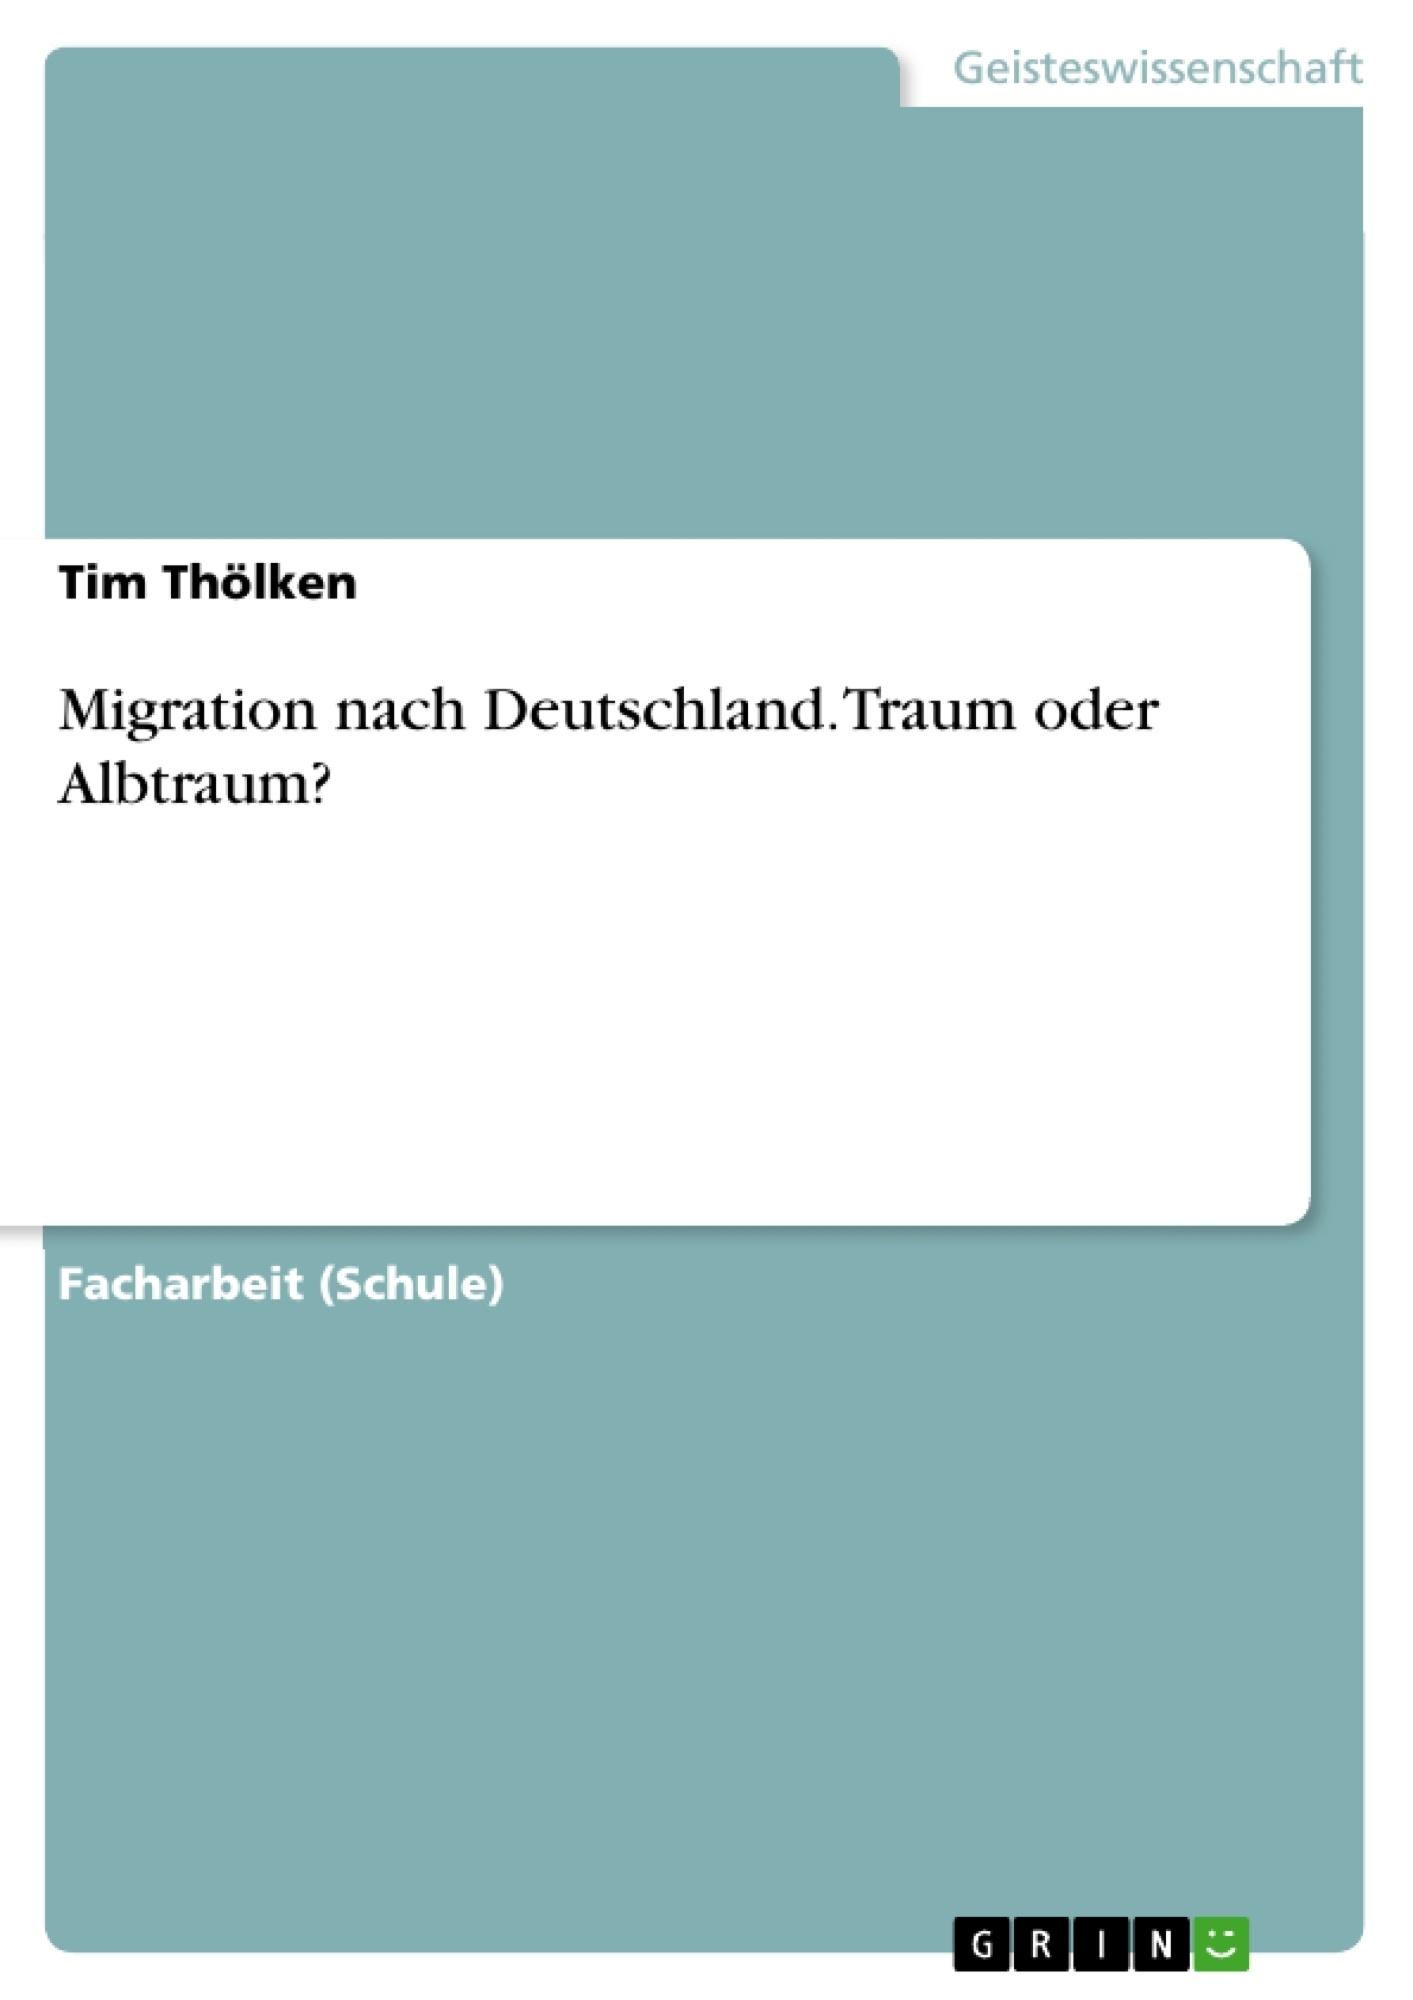 Titel: Migration nach Deutschland. Traum oder Albtraum?